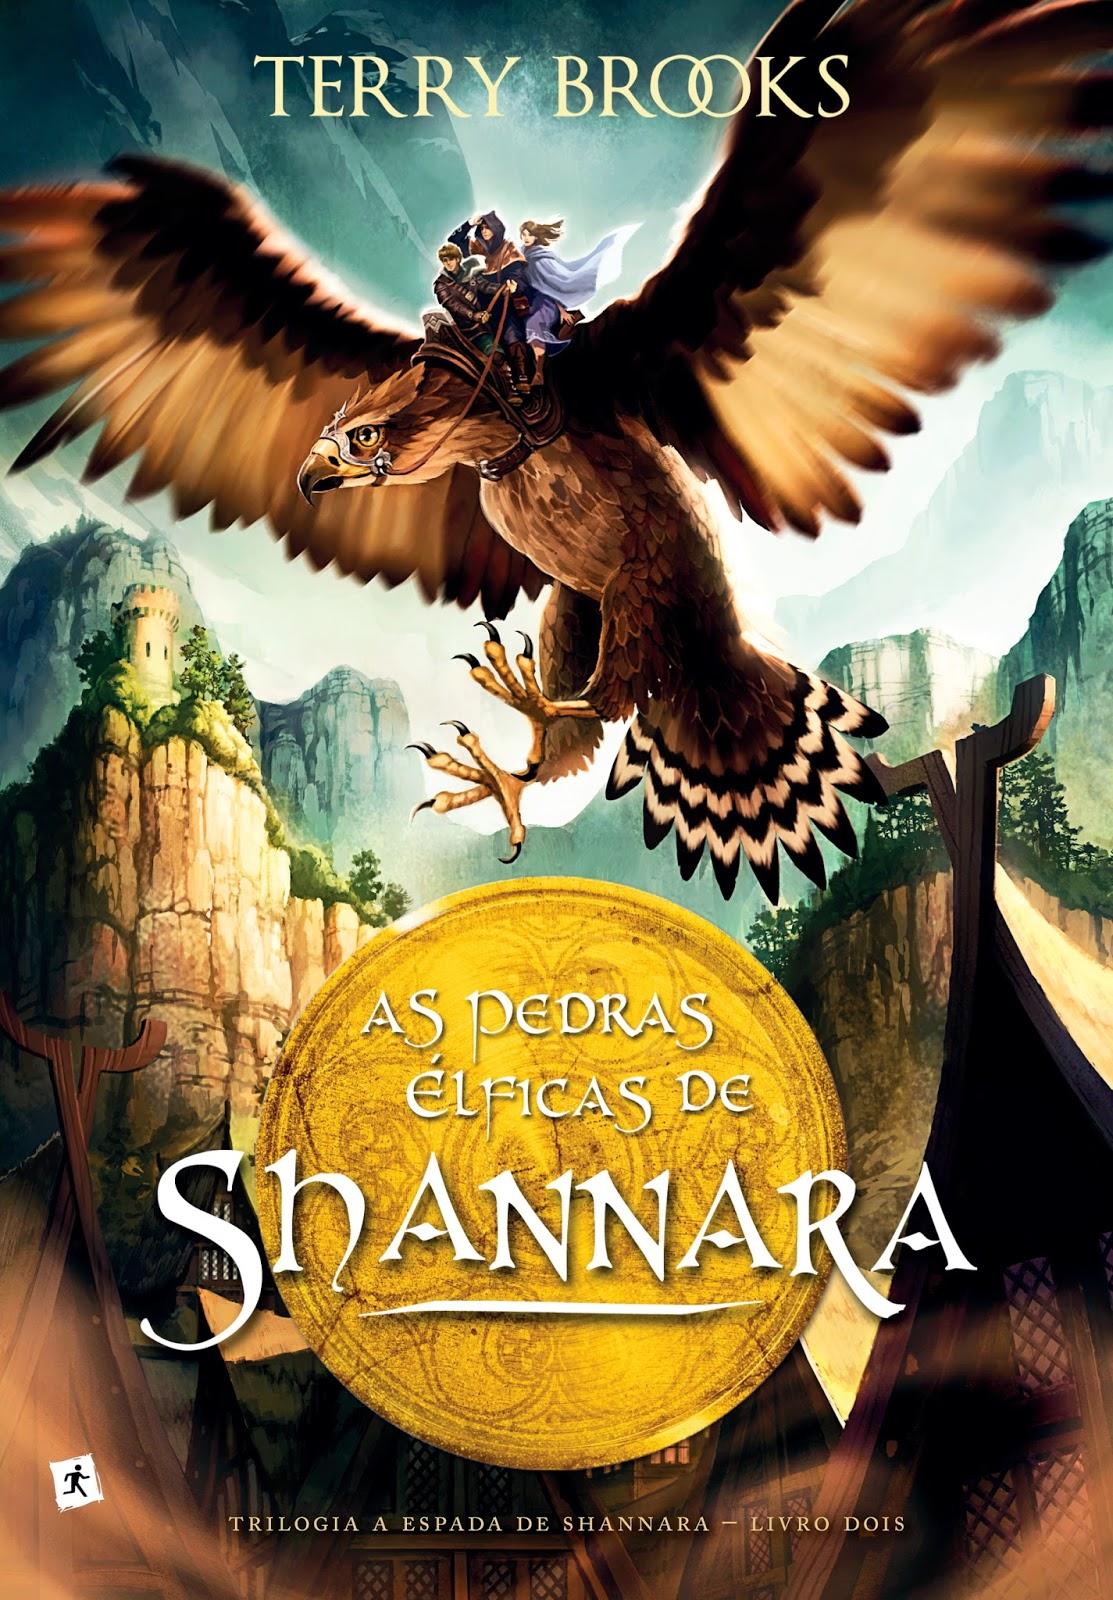 Pedras_Elficas_de_Shannara_300dpi_1.jpg